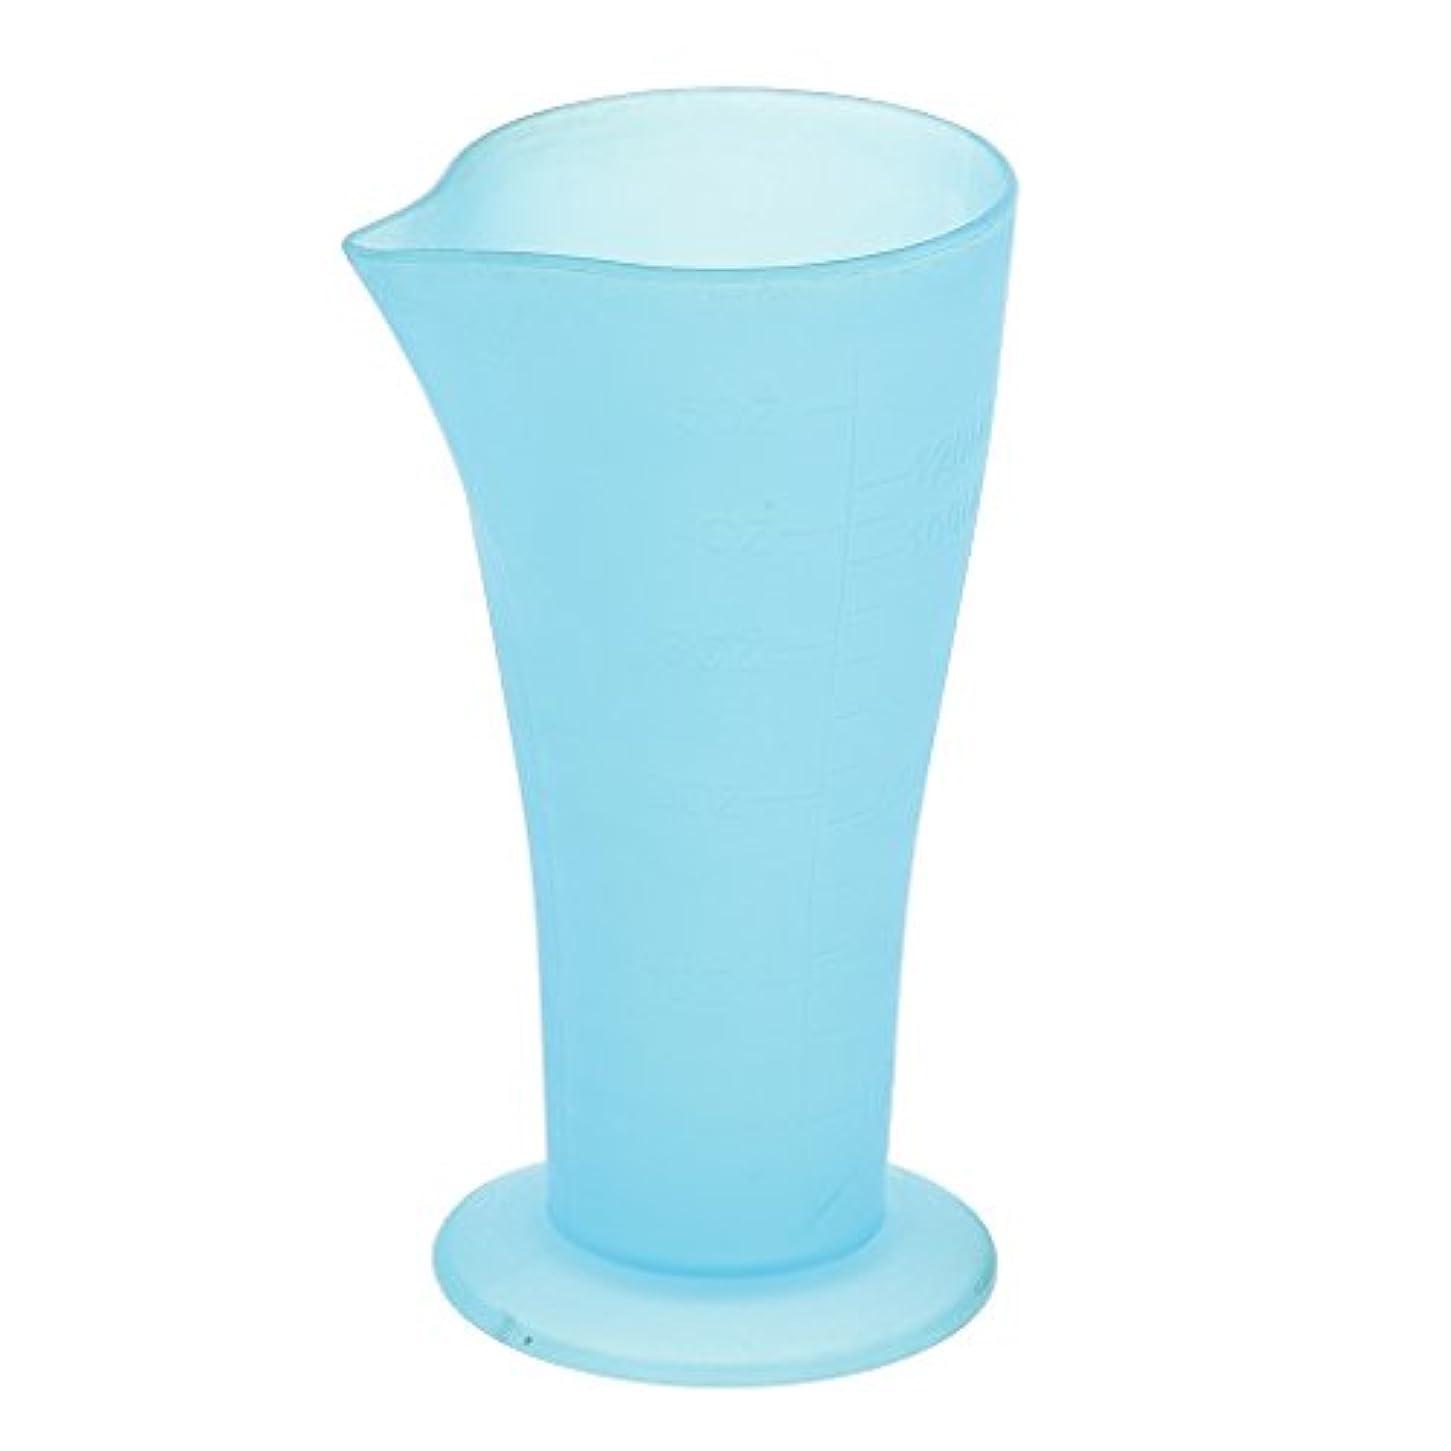 おびえた雨の抑圧するToygogo 再利用可能な耐久性のある120mL 5oZクリアブループラスチック製の計量用ビーカーカップ調理用ベーカリーキッチンラボサロン